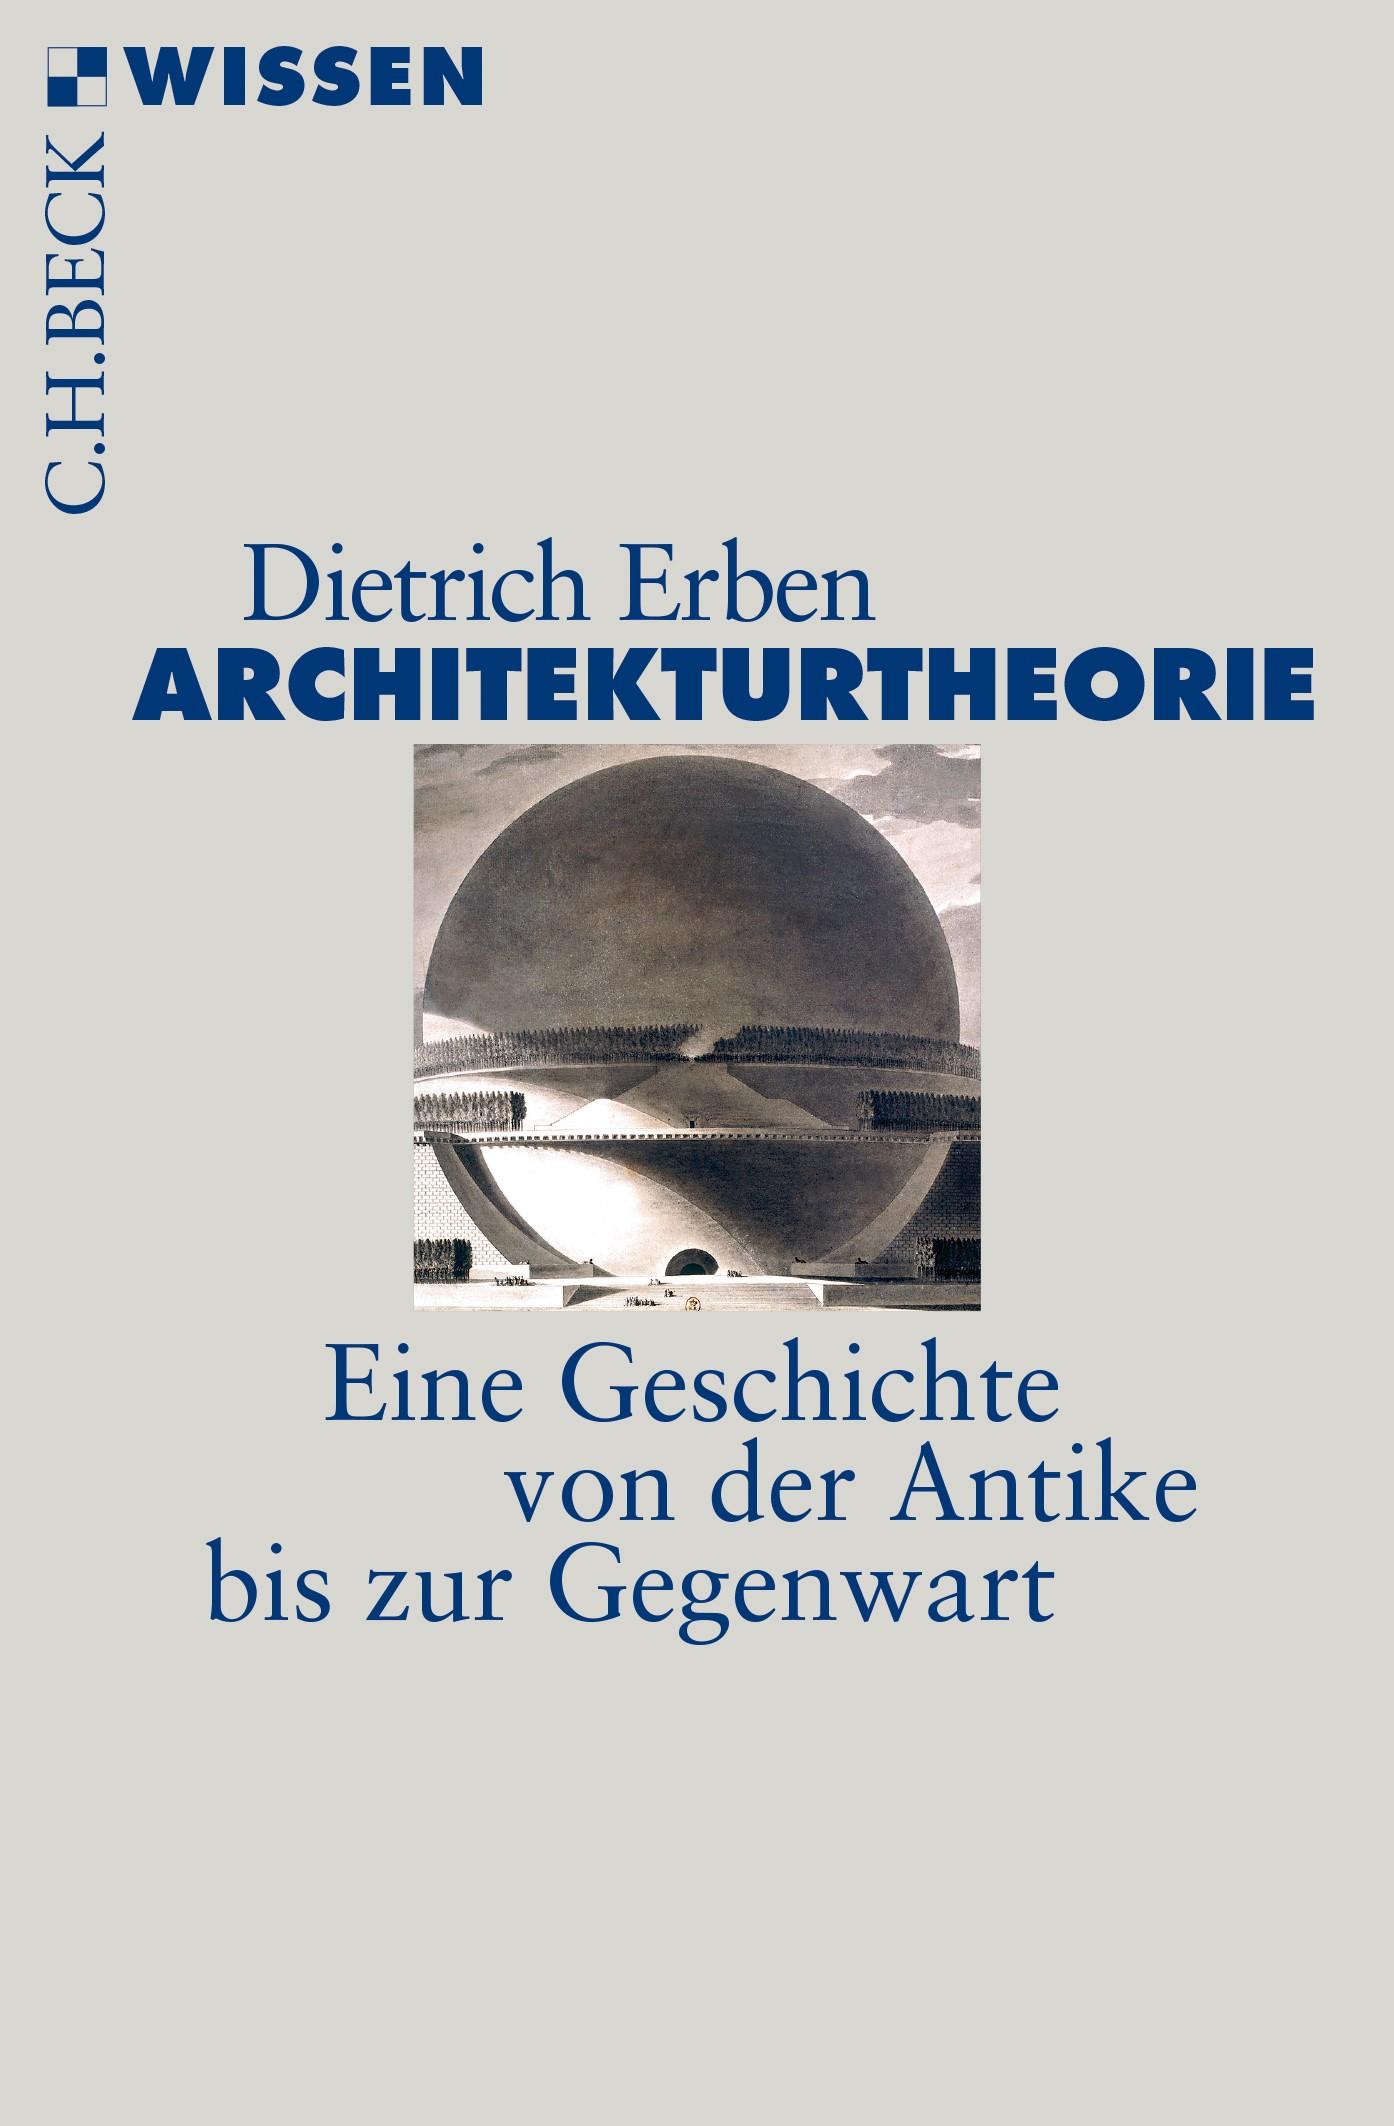 Cover des Buches 'Architekturtheorie'